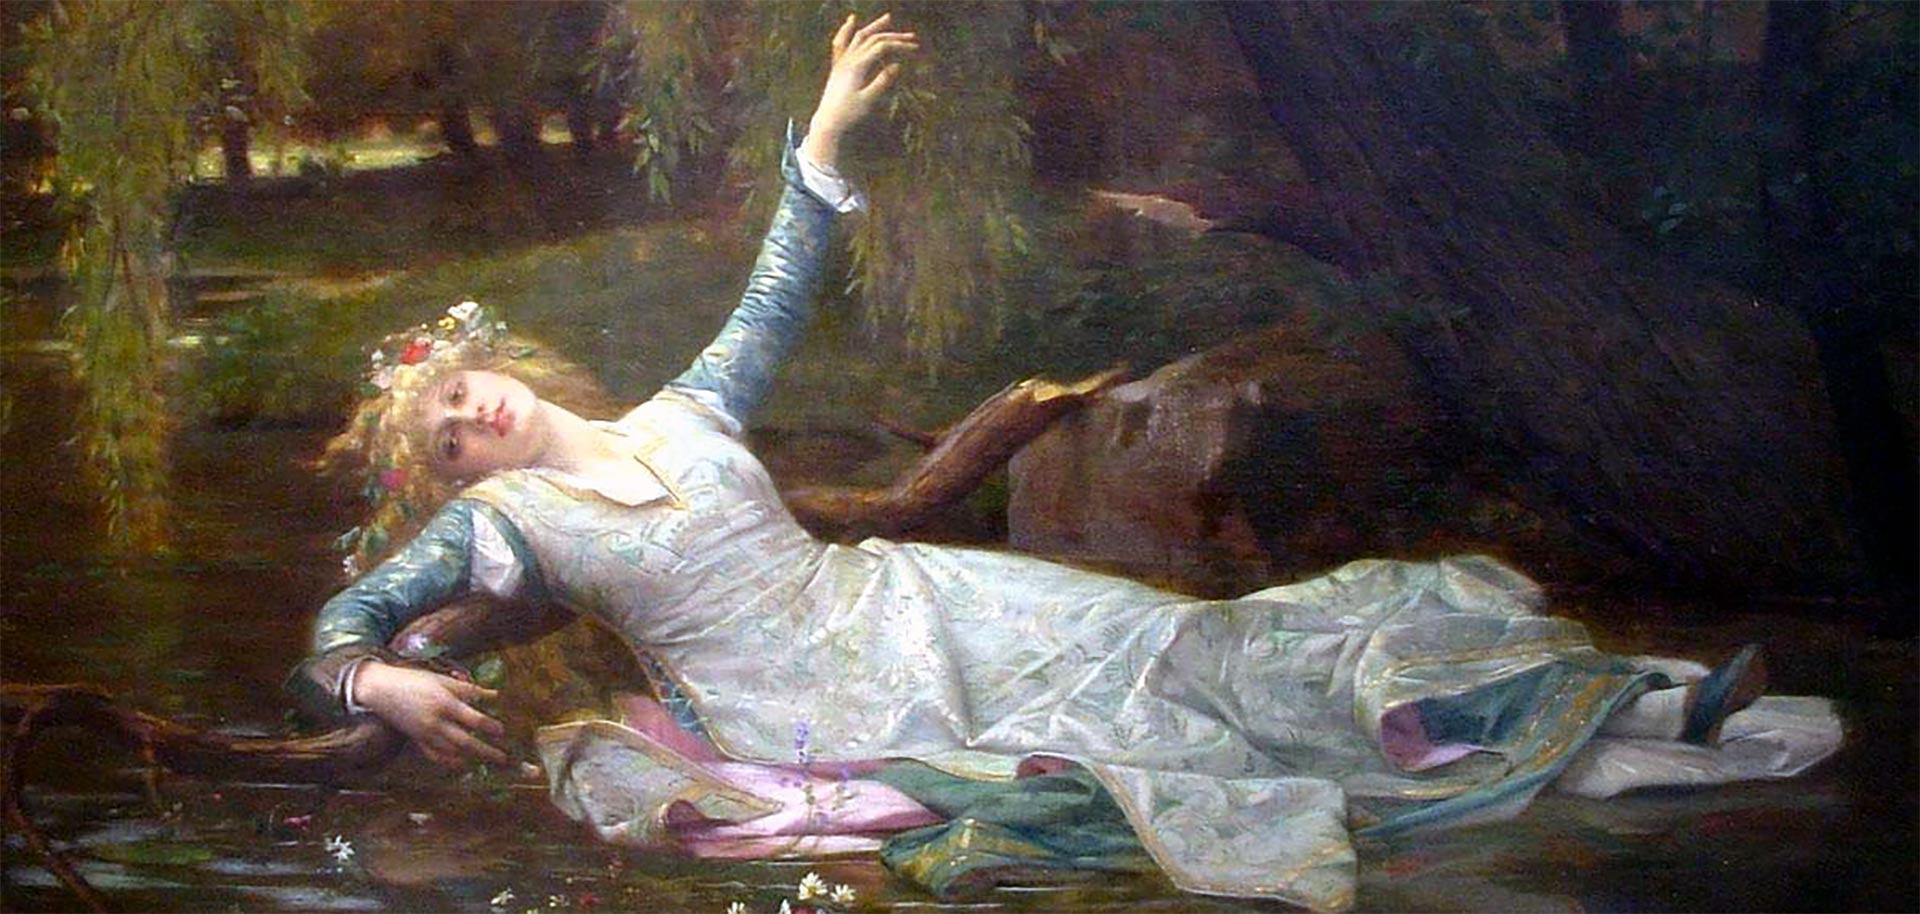 Ophelia Monologues